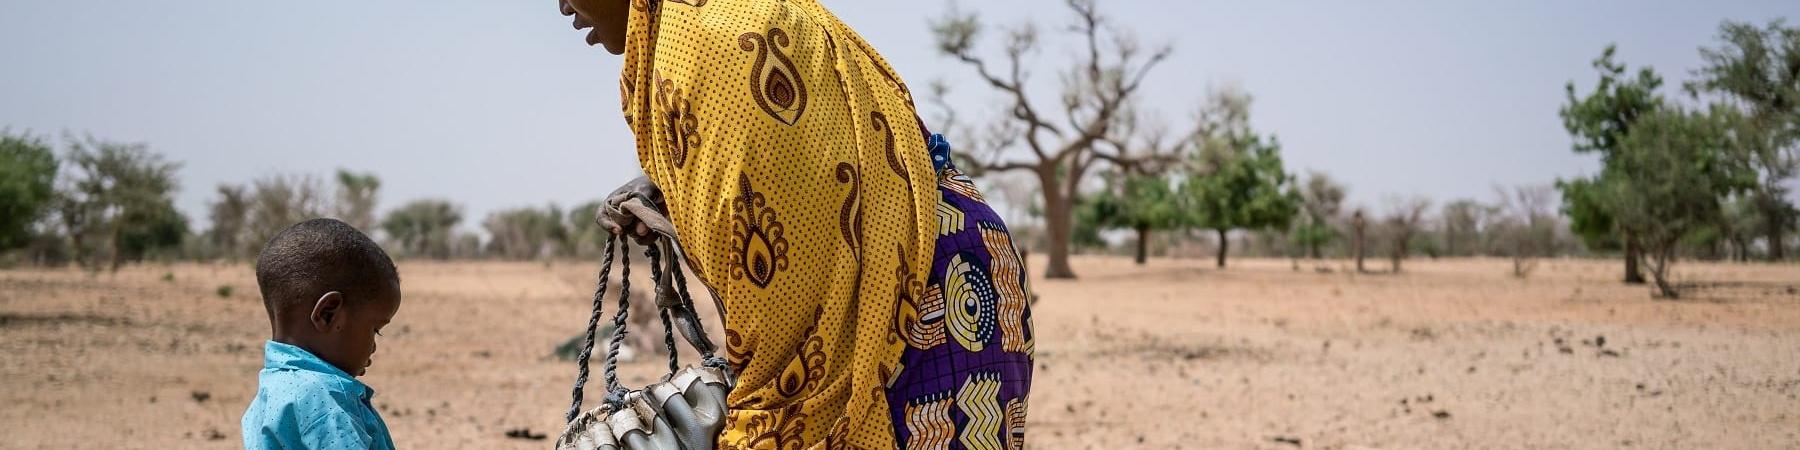 Campo lungo di madre e figlio nigeriani che si riforniscono di acqua in una terra brulla